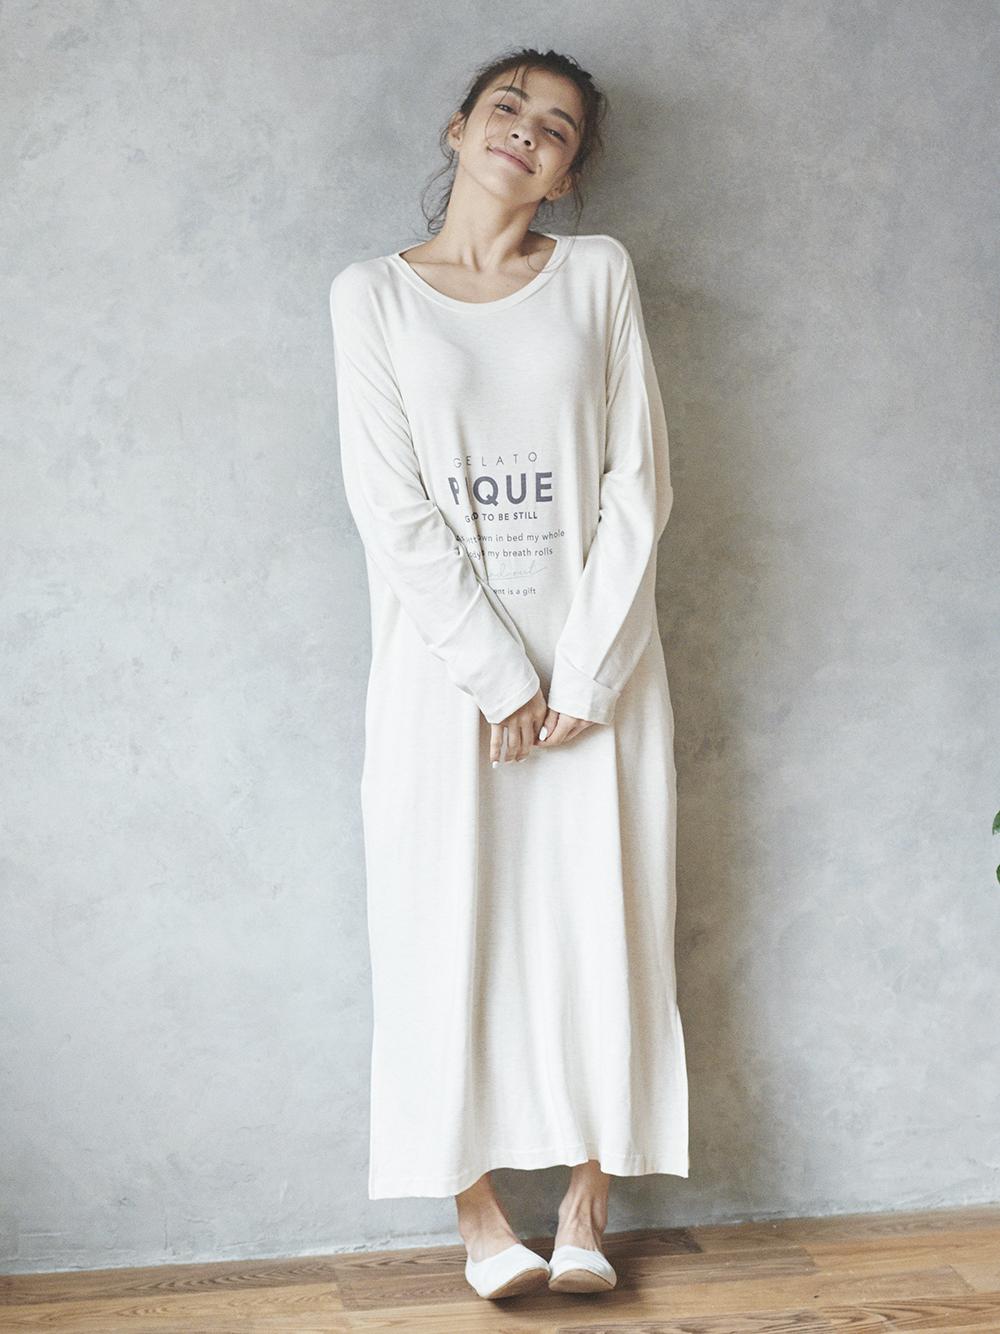 嫘縈LOGO洋裝